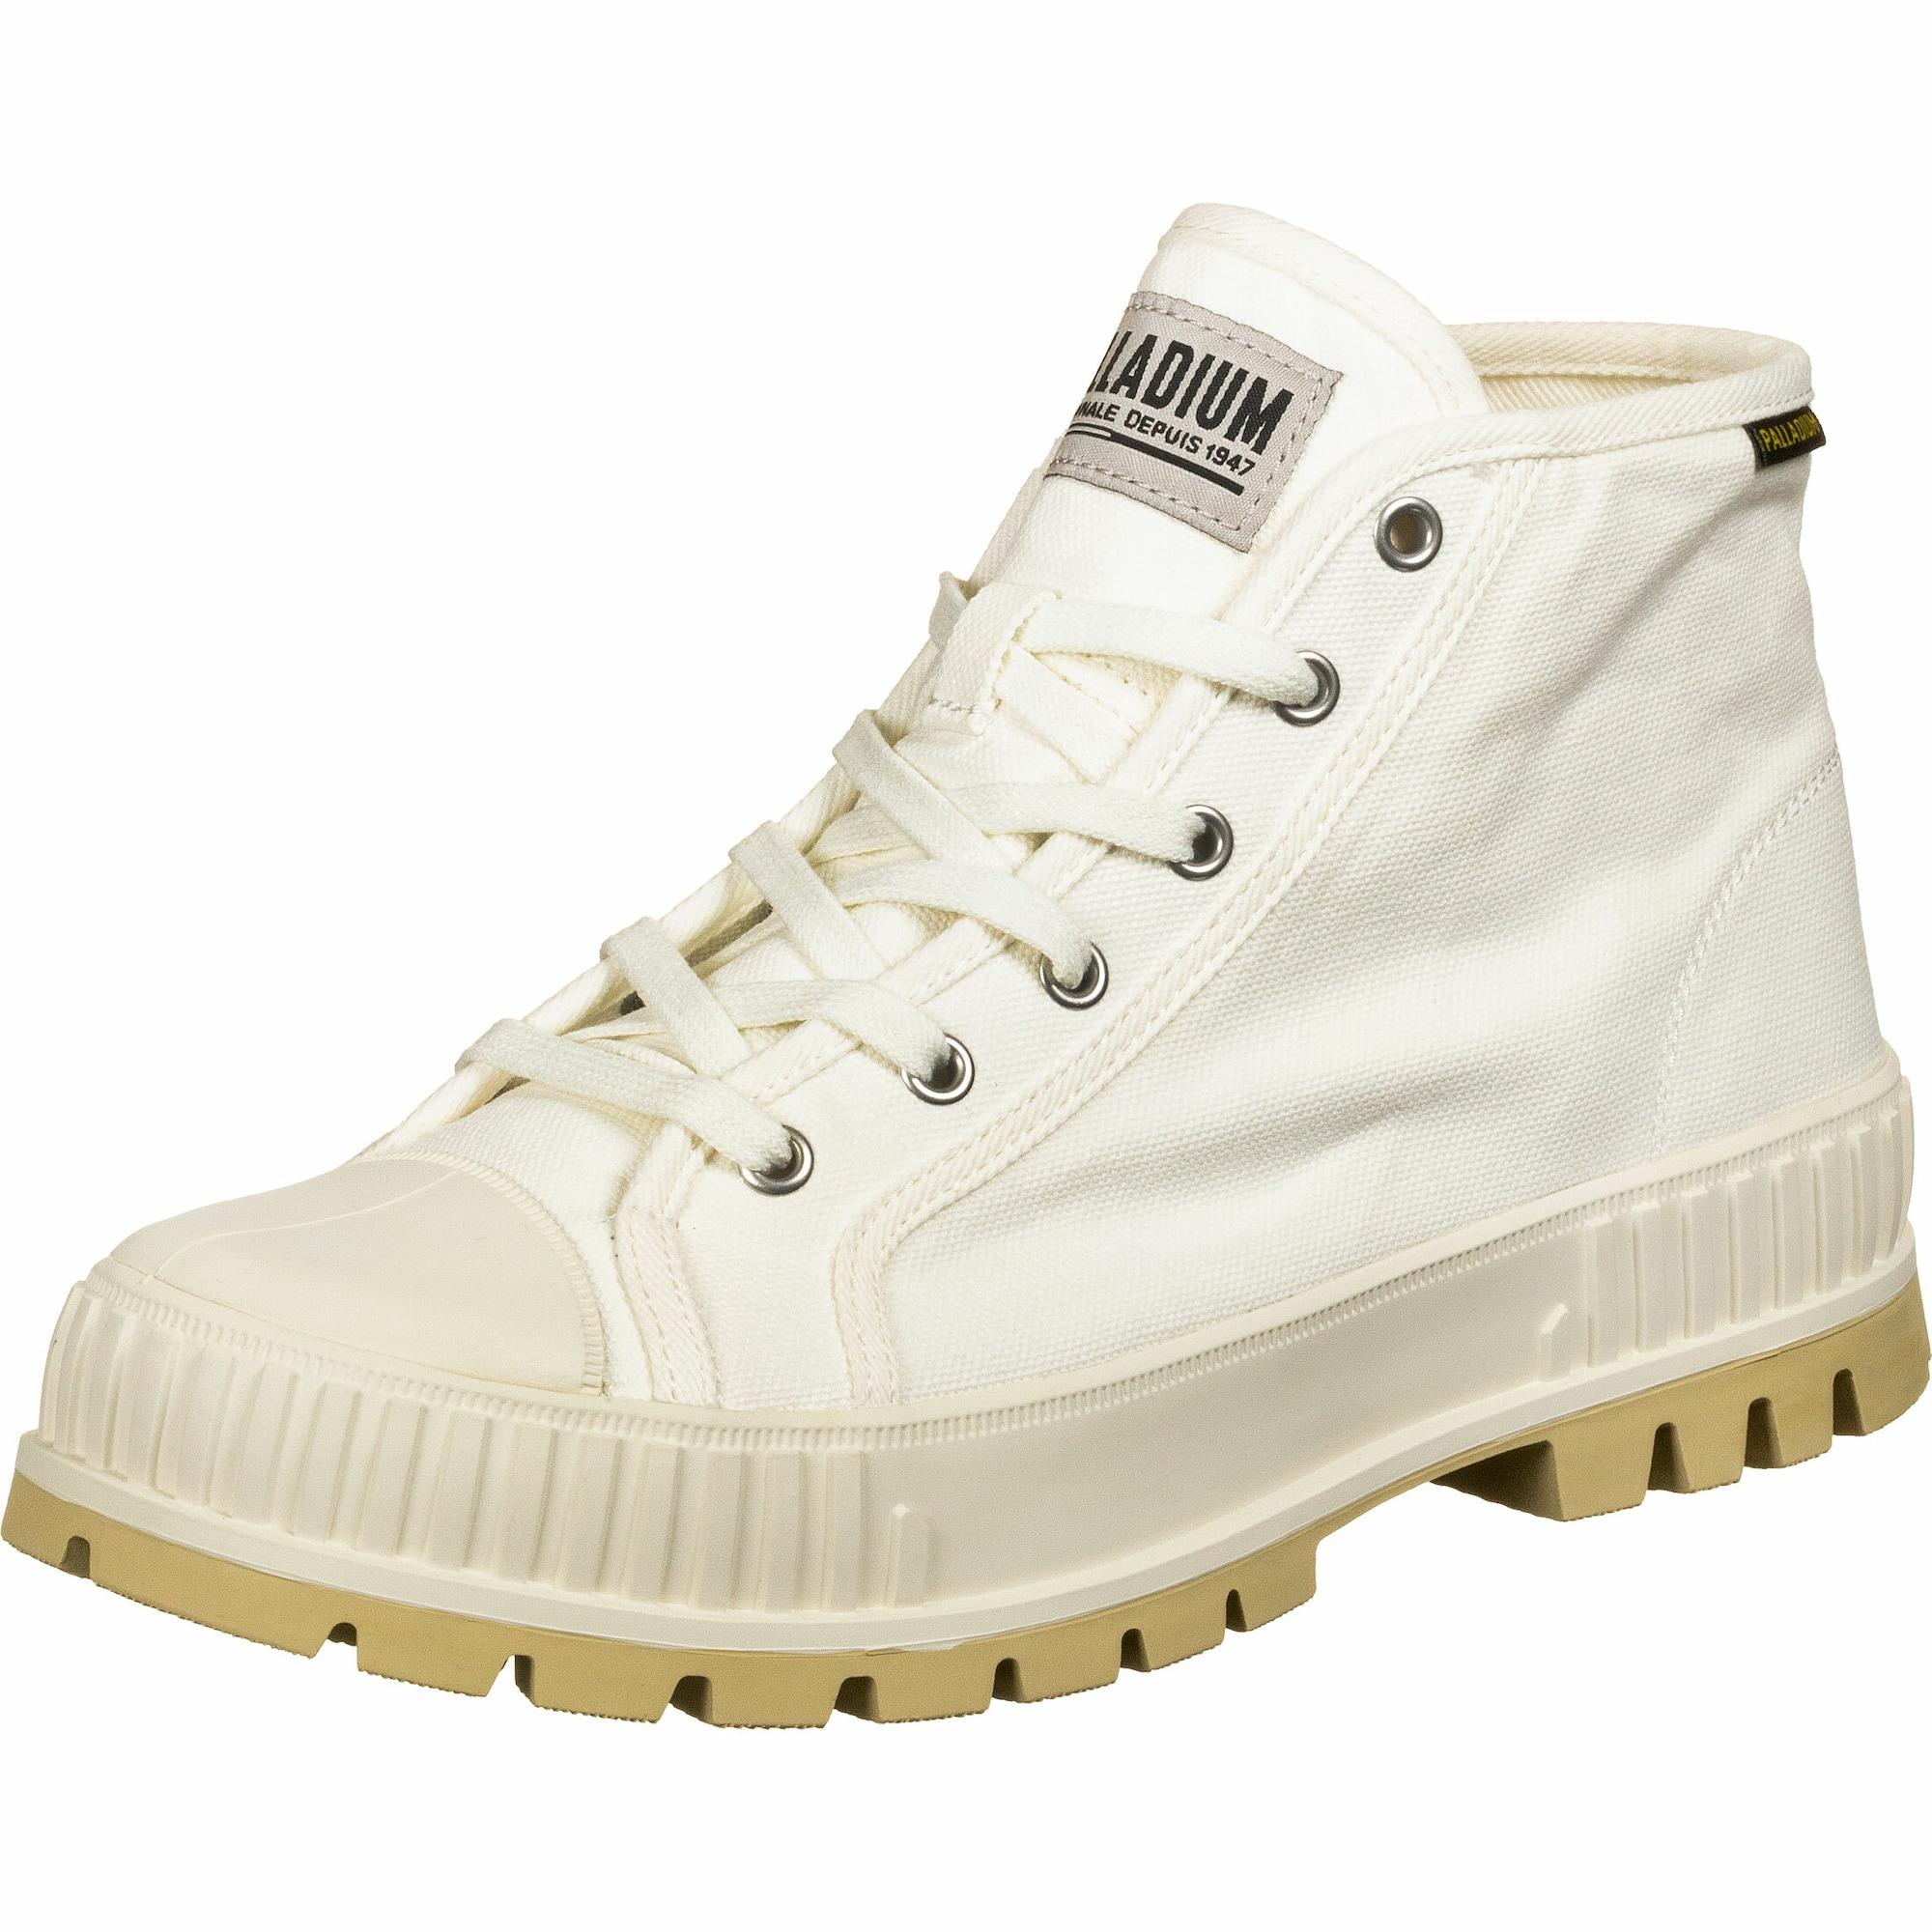 Palladium Sportinio stiliaus batai su raišteliais